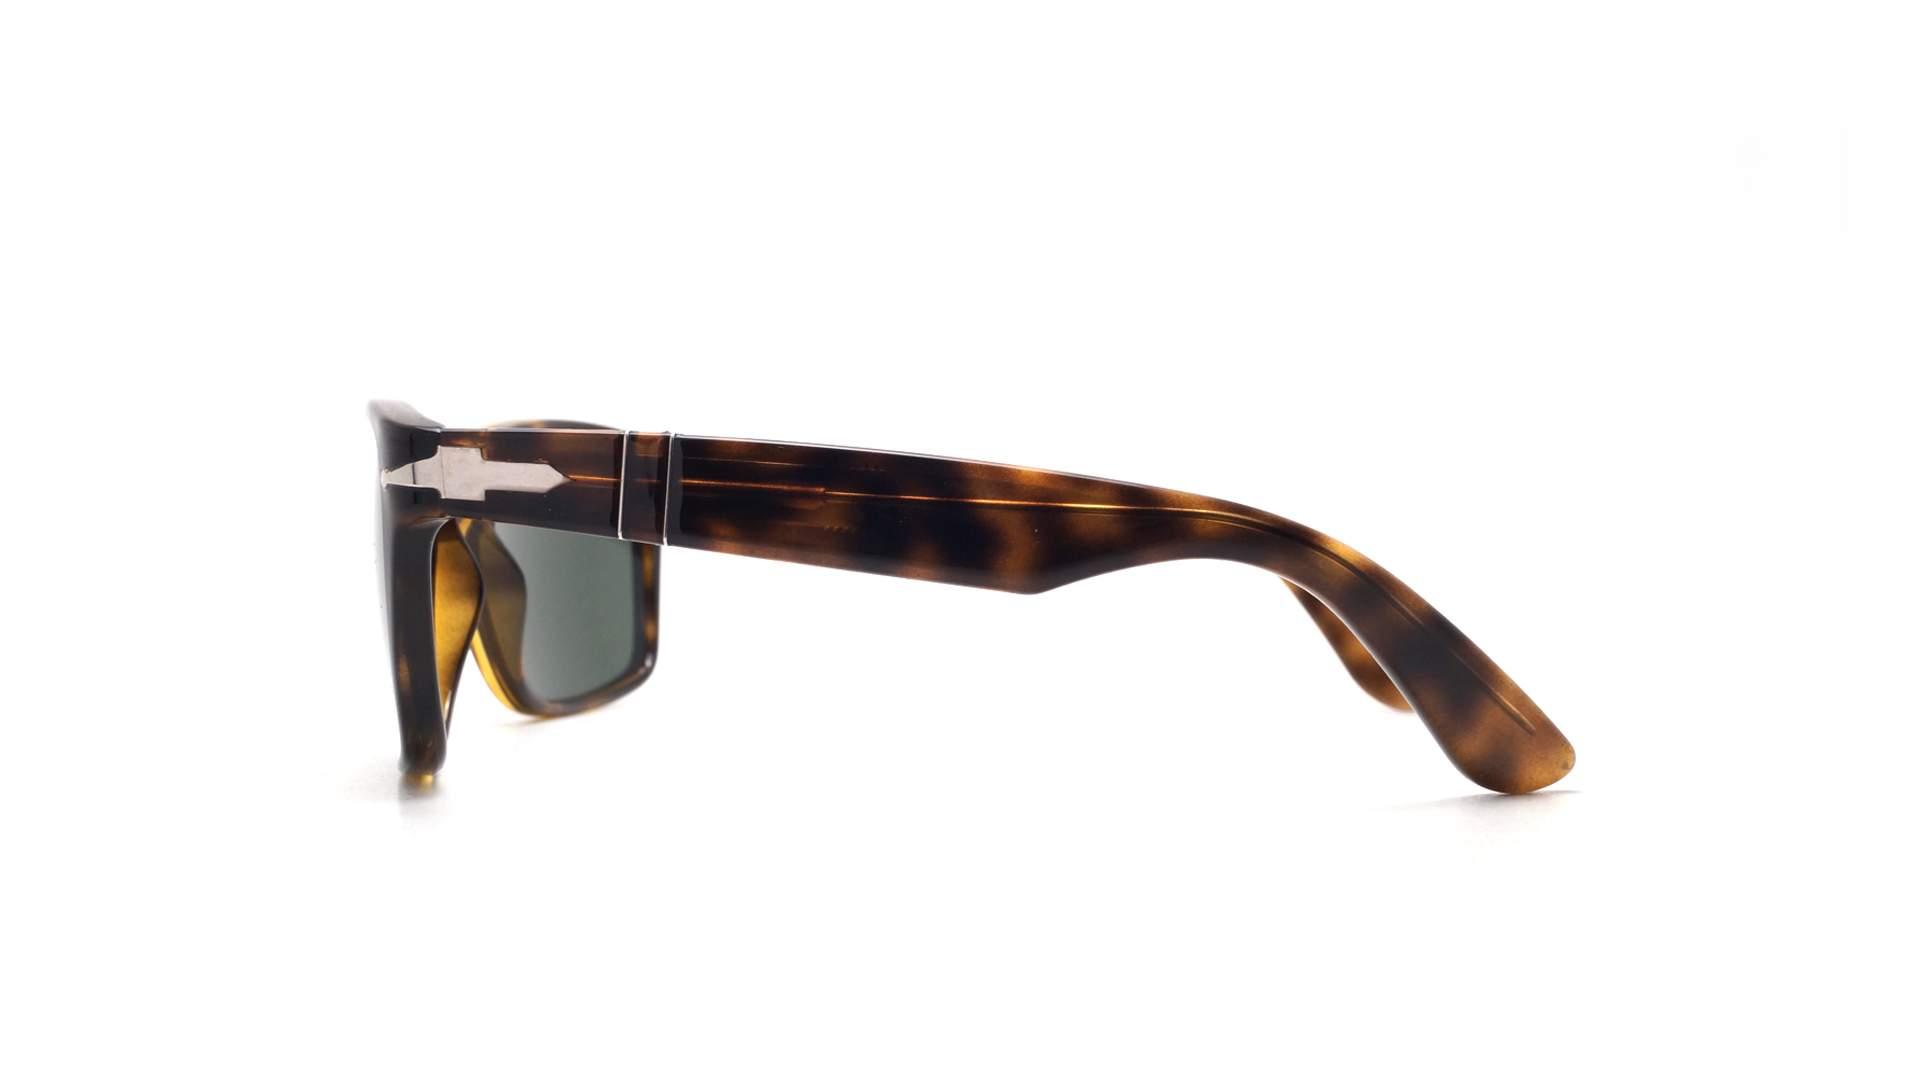 2e129b65b4 Sunglasses Persol PO3195S 1054 31 58-16 Tortoise Large